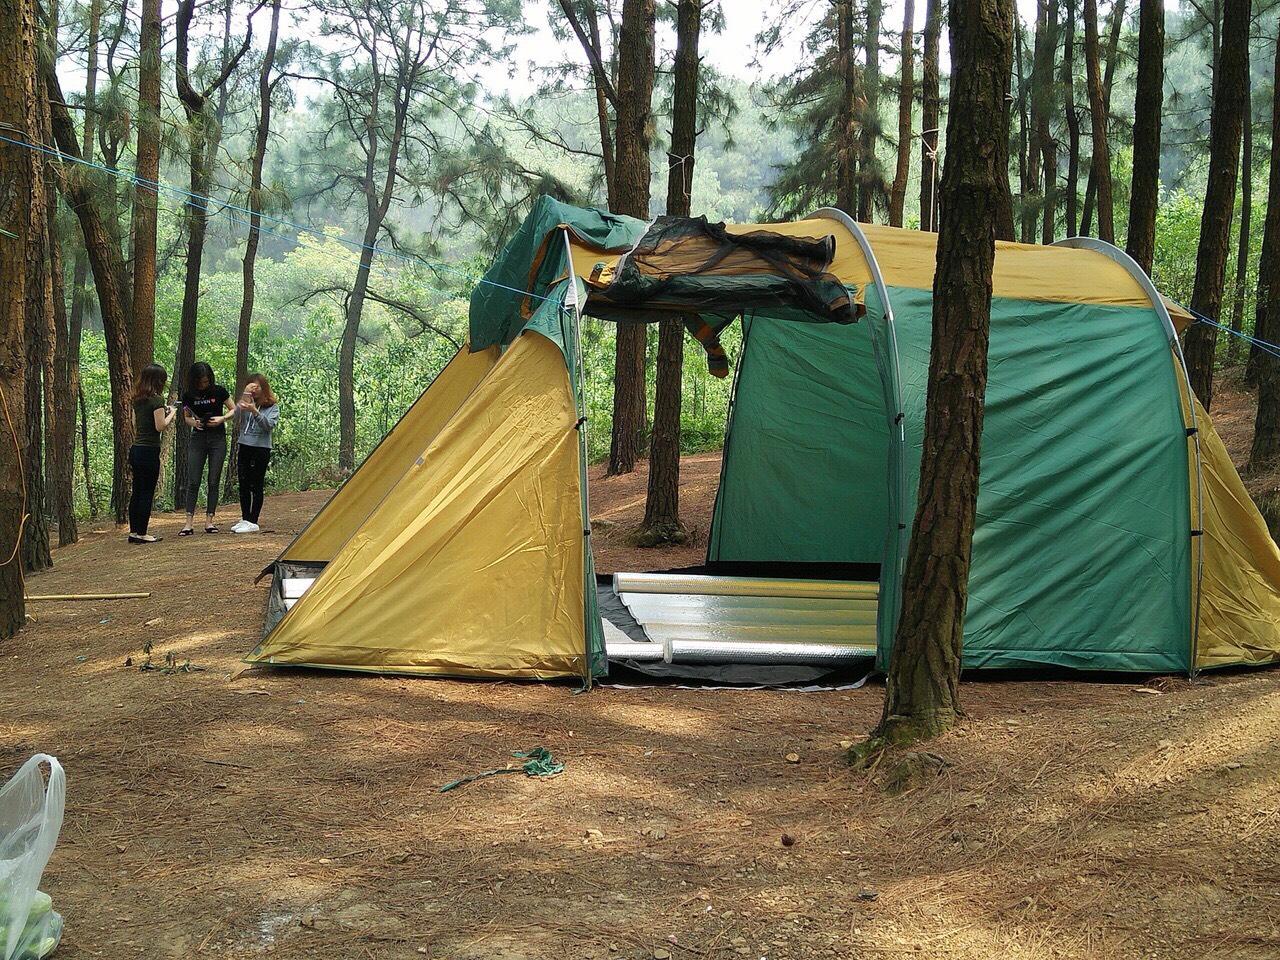 lều cắm trại tập thể cho từ 12 - 16 người